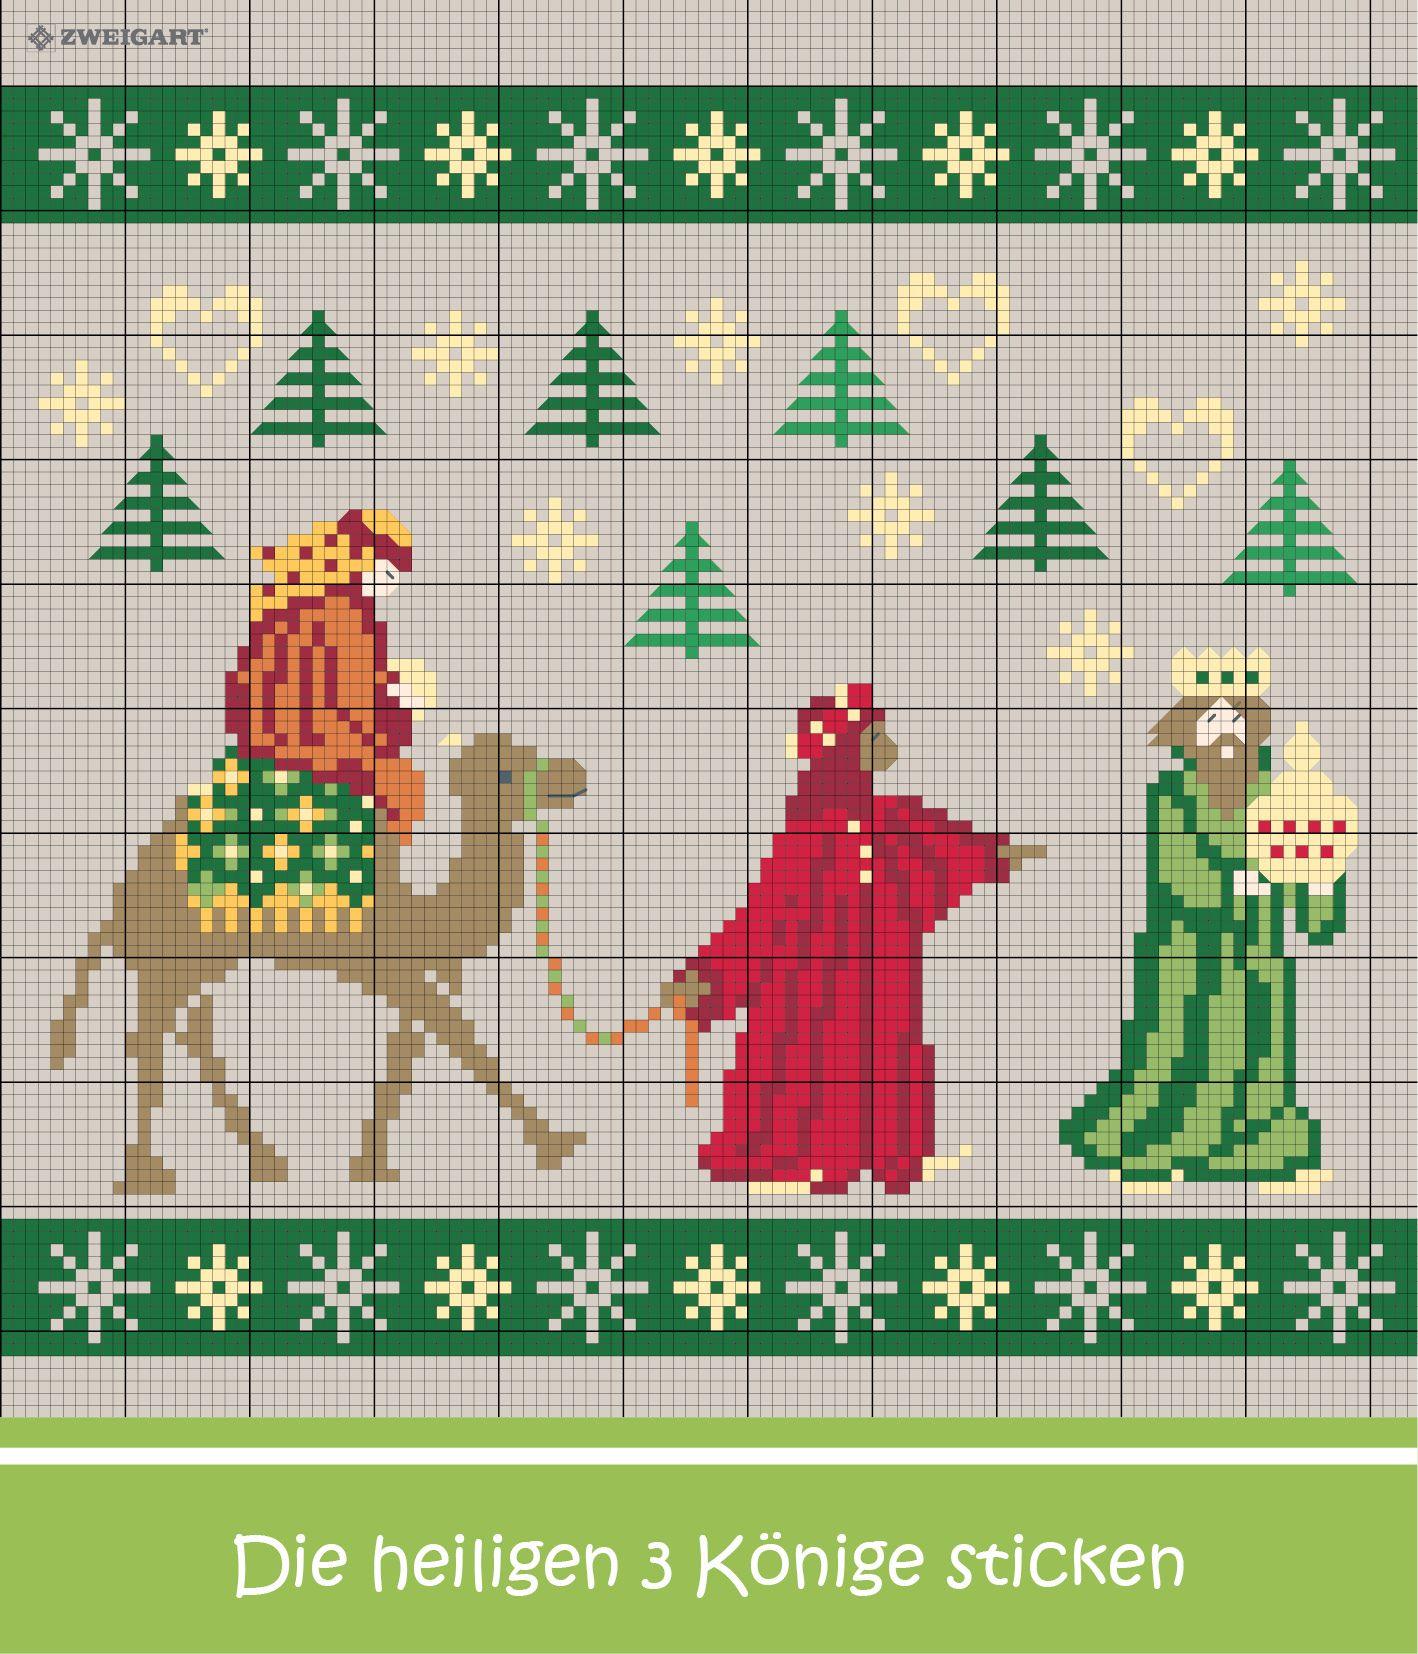 Heilige drei Könige sticken - Entdecke zahlreiche kostenlose Charts ...